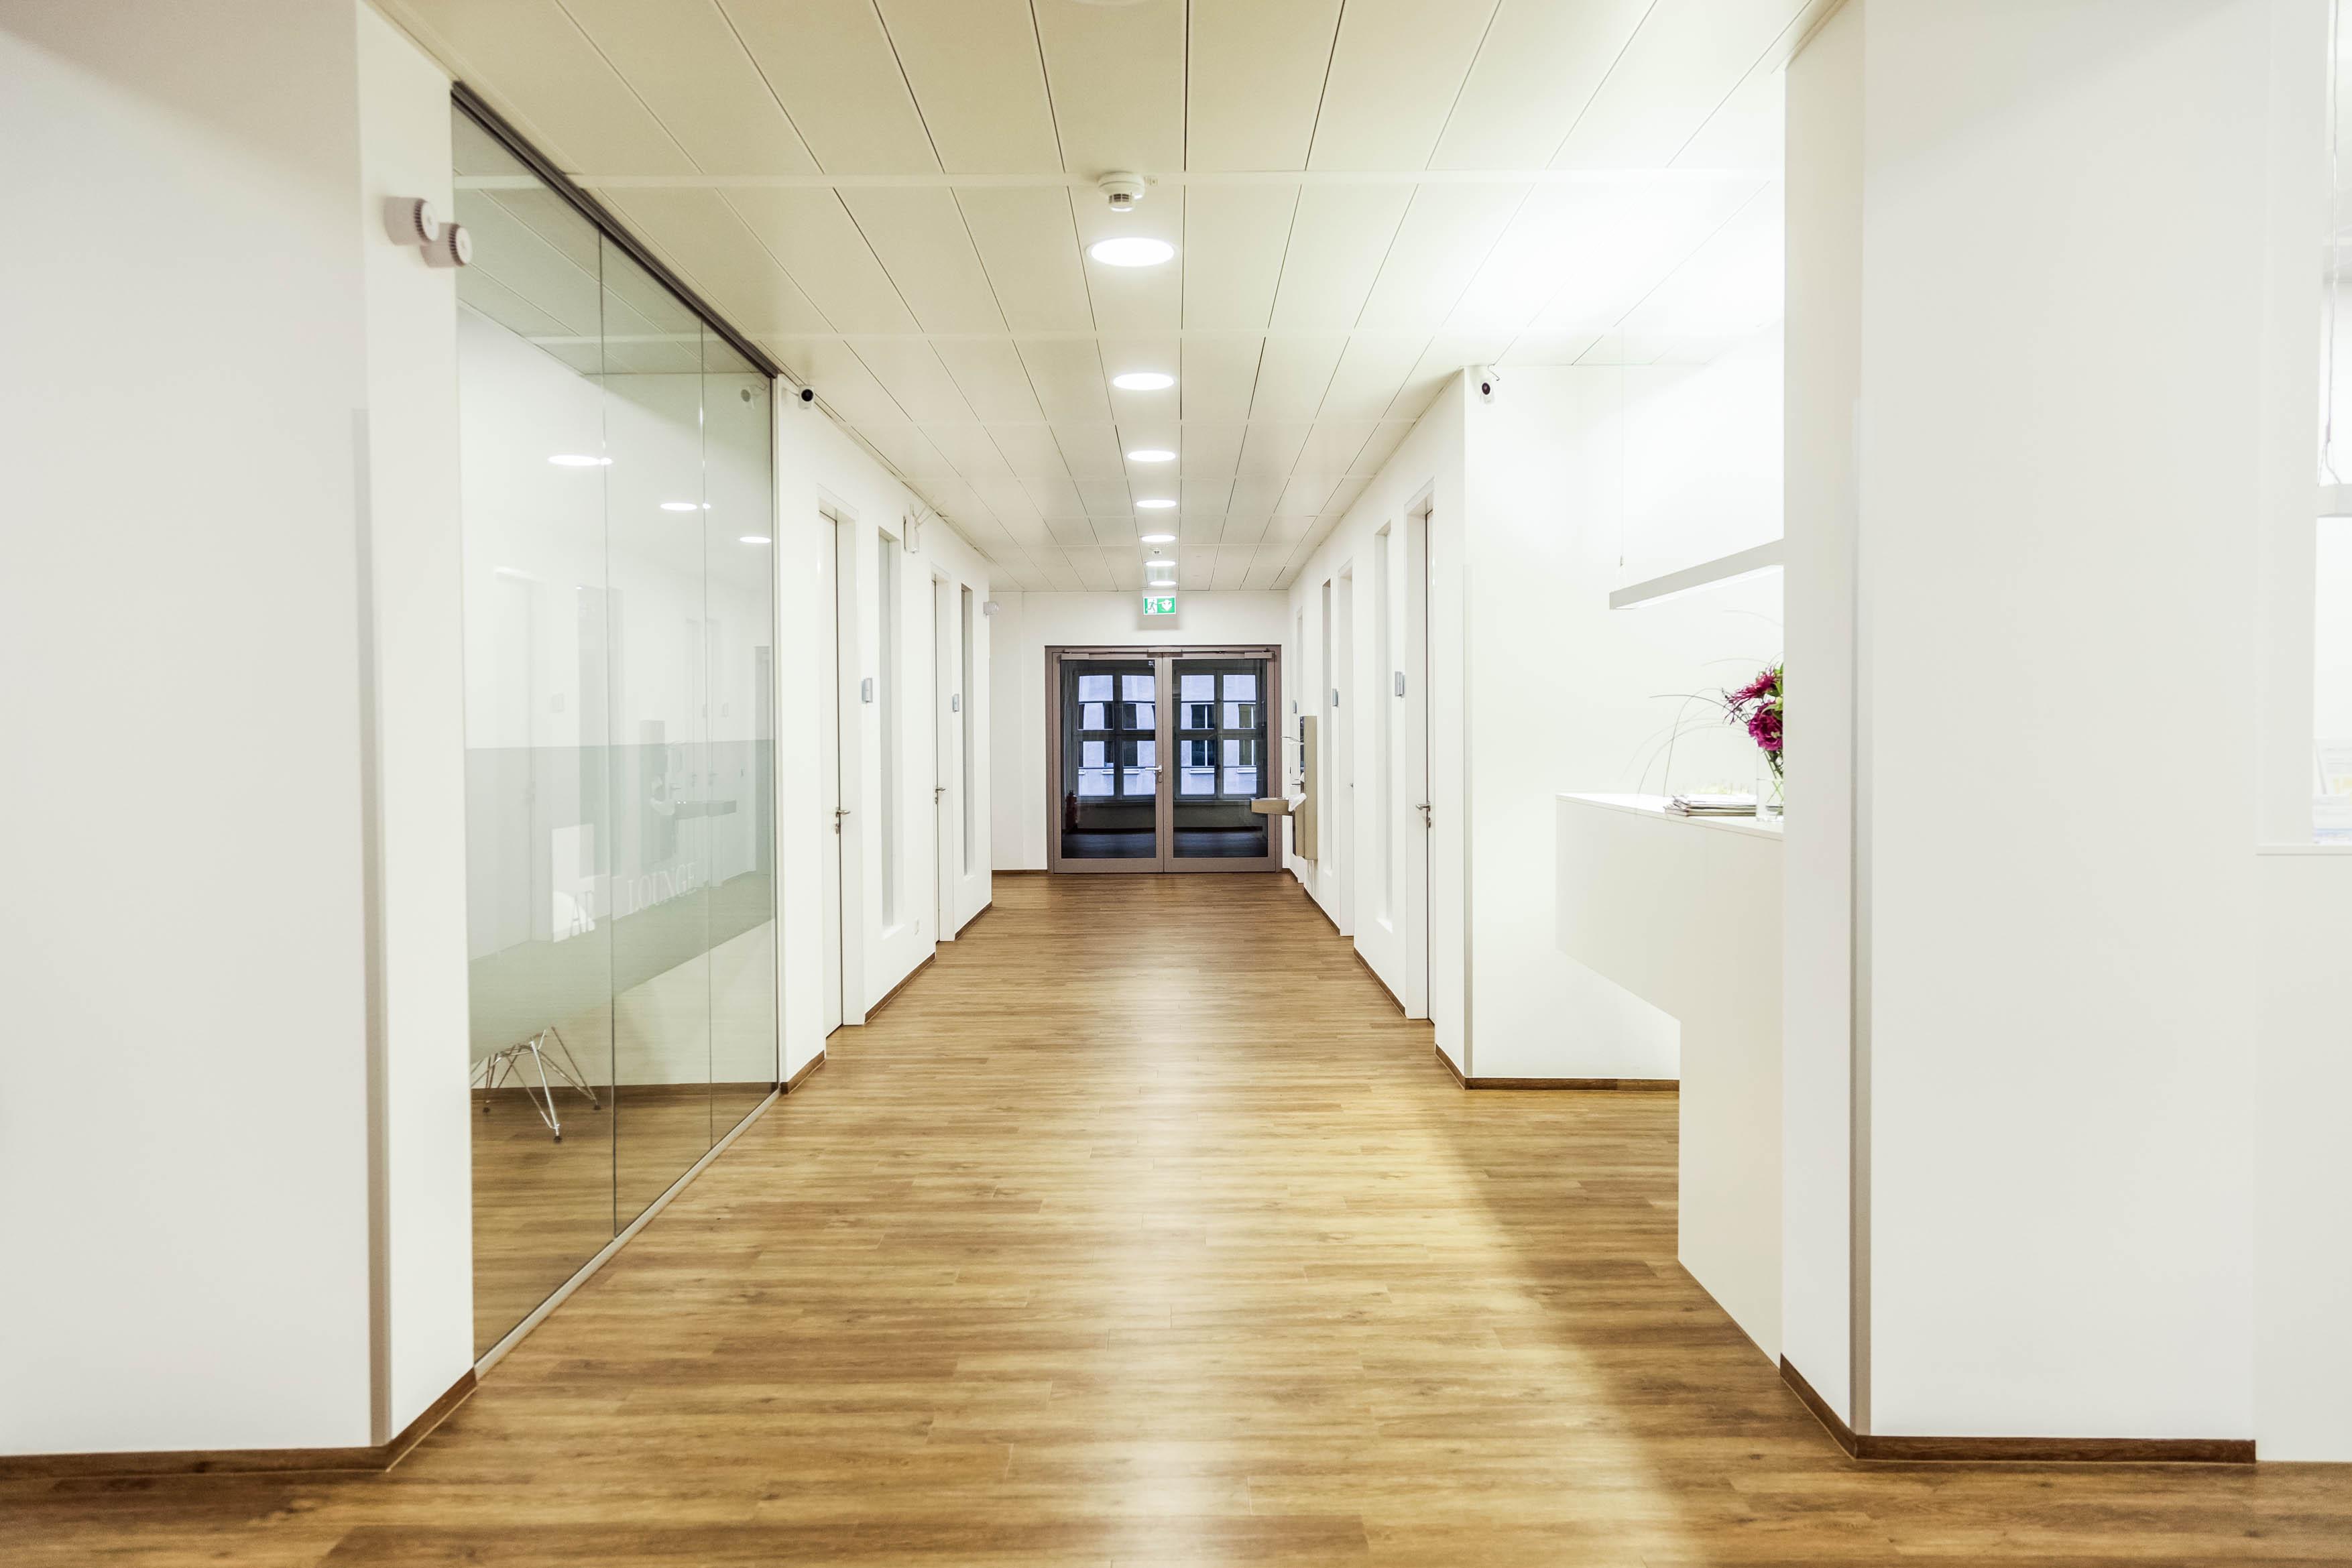 Klinik Neuer Stahlhof Eingangsbereich